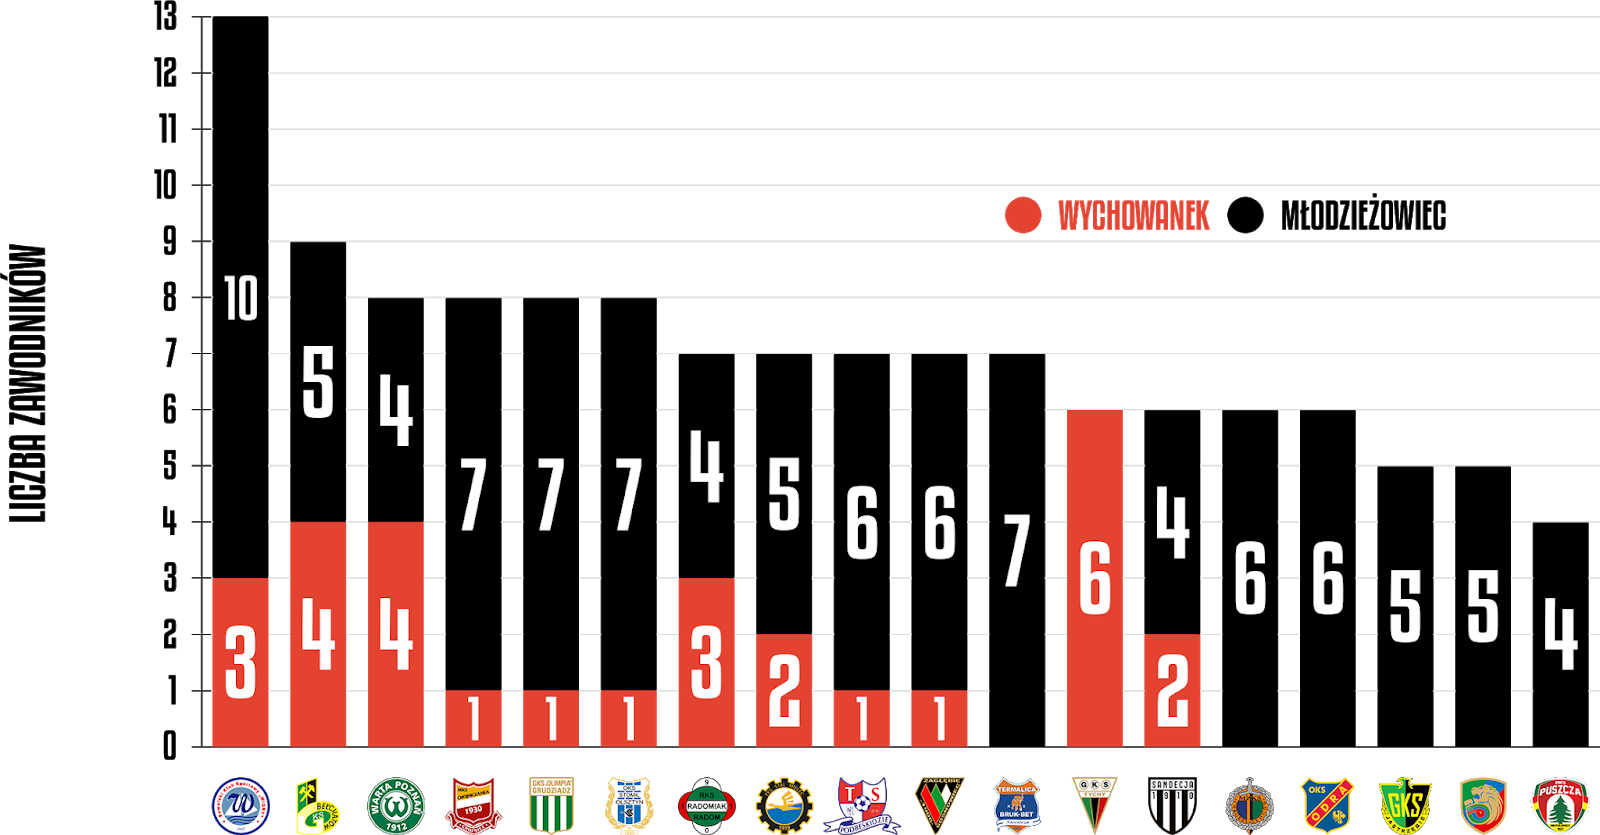 Młodzieżowcy w rozgrywkach Fortuna 1 Ligi 2019/20<br><br>Źródło: Opracowanie własne na podstawie 90minut.pl<br><br>graf. Bartosz Urban